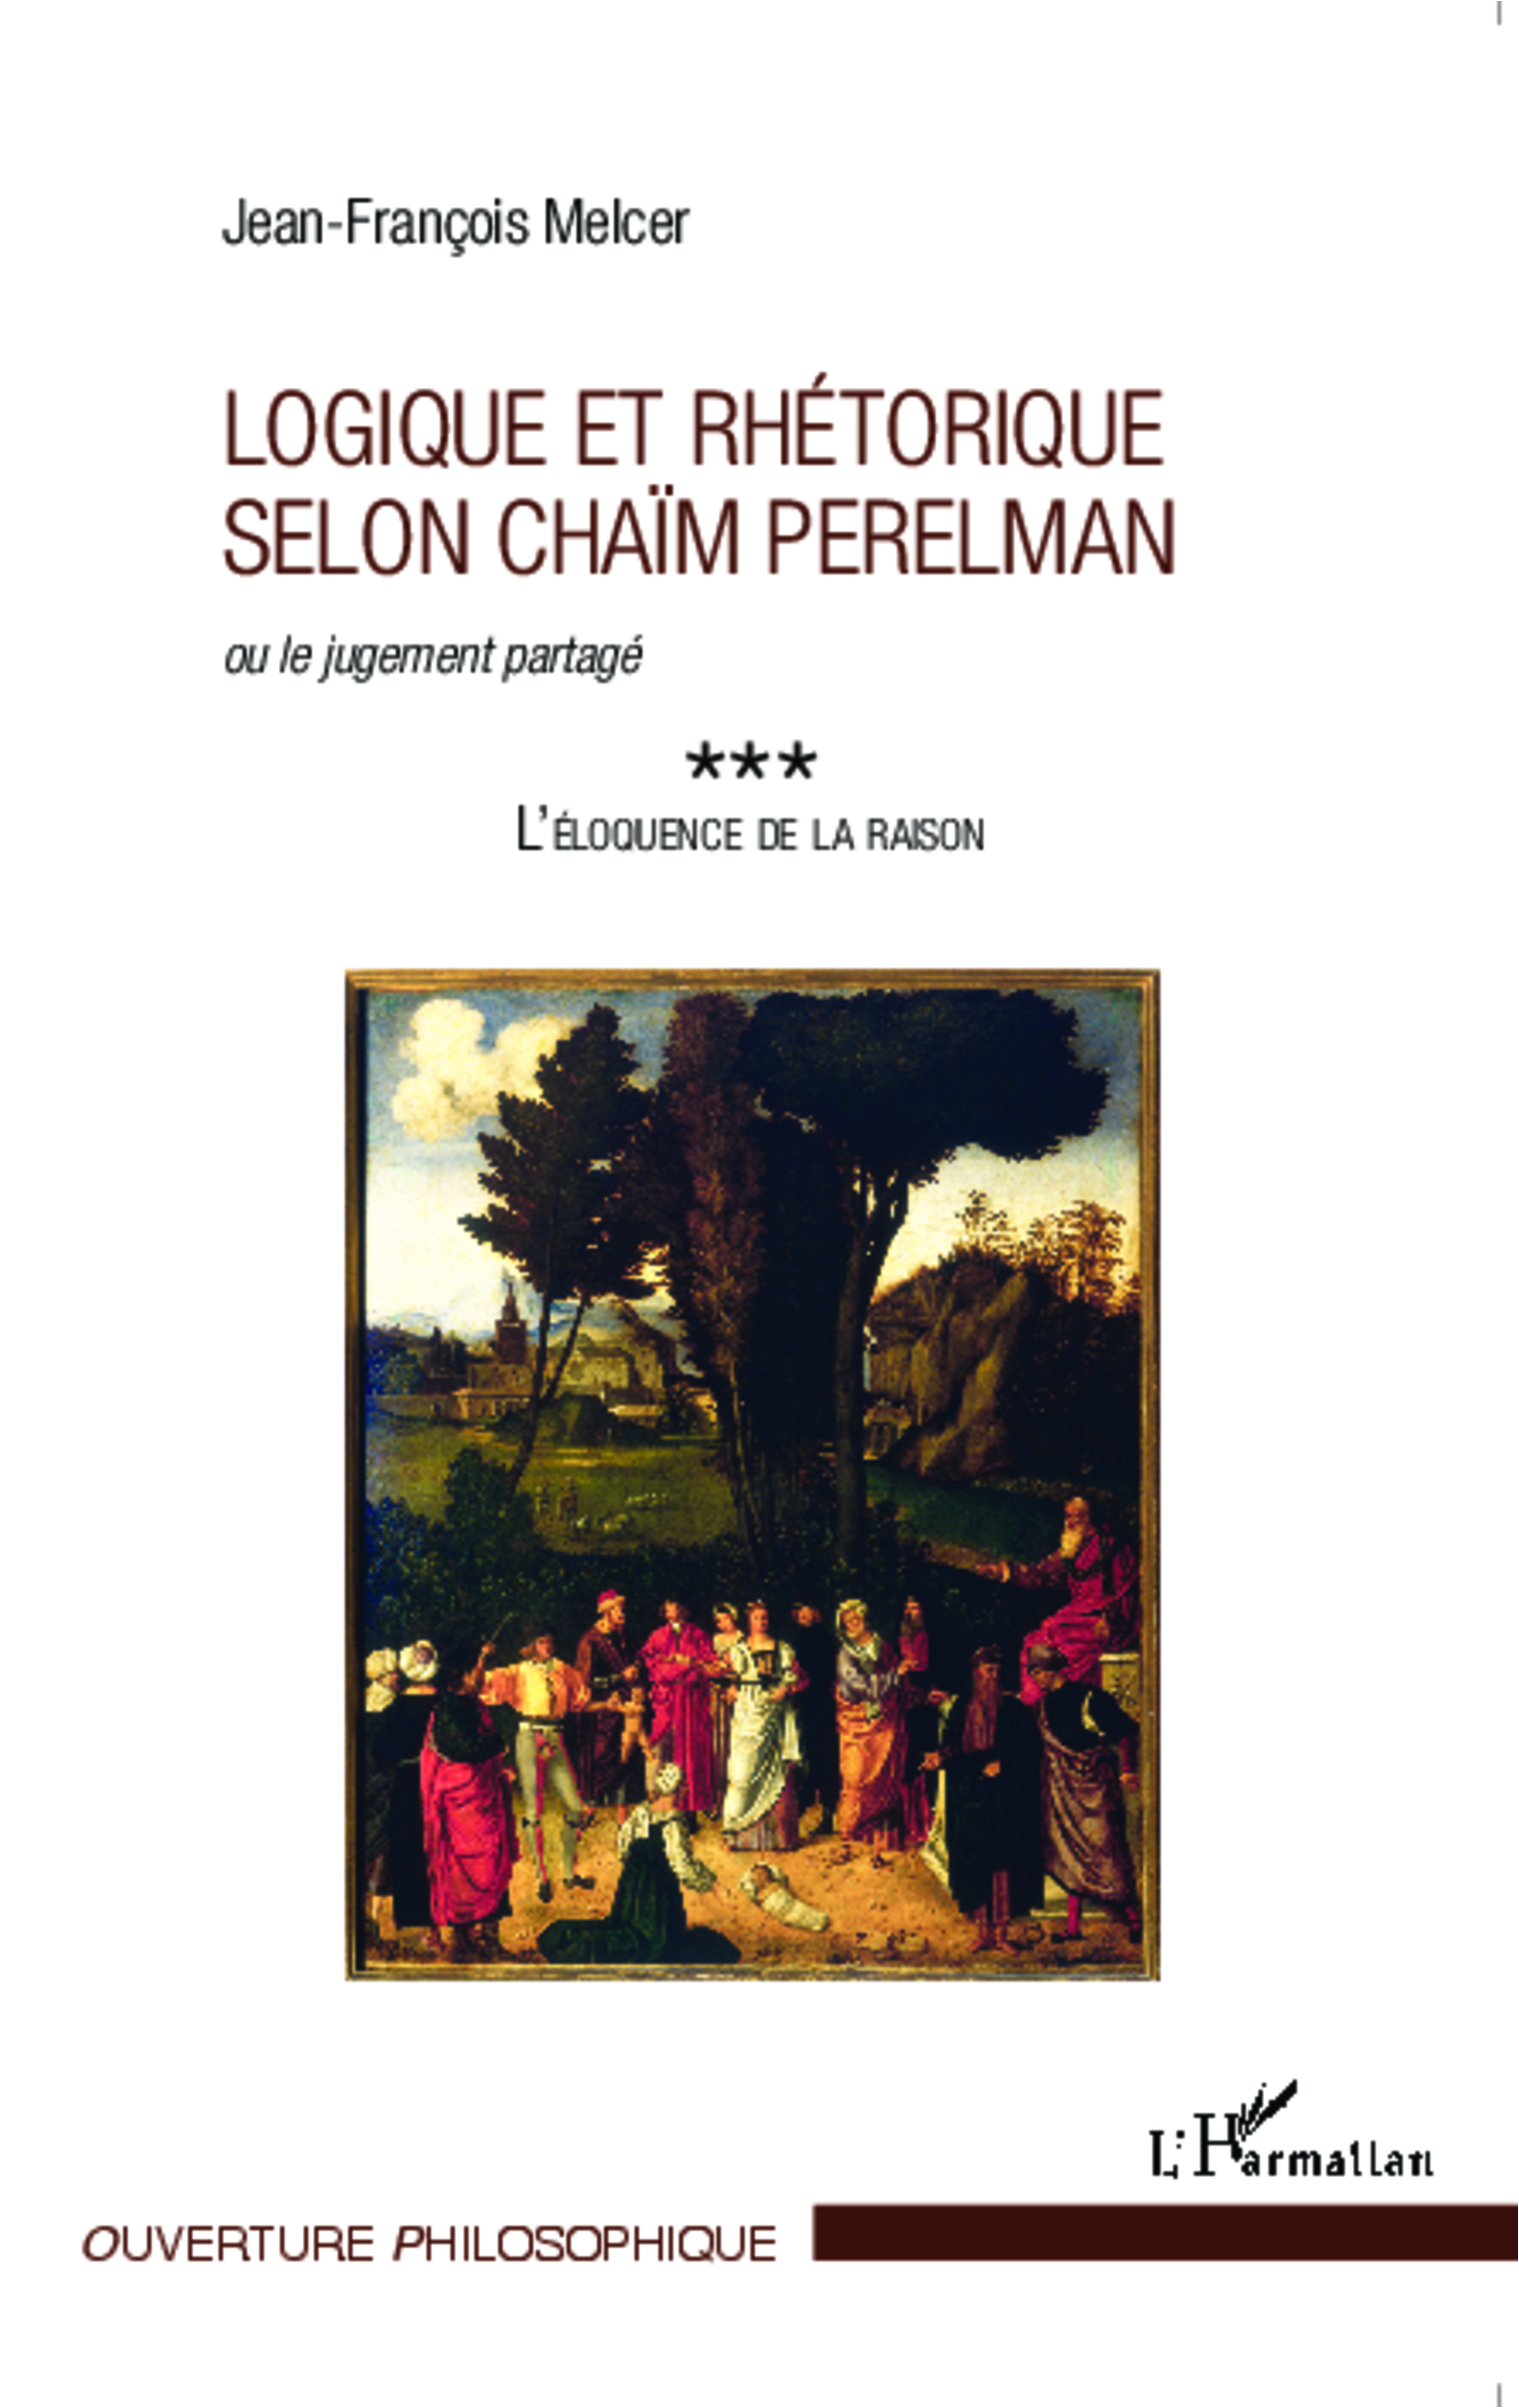 J.-F. Melcer, Logique et rhétorique selon Chaïm Perelman ou le jugement partagé - 3 : L'éloquence de la raison